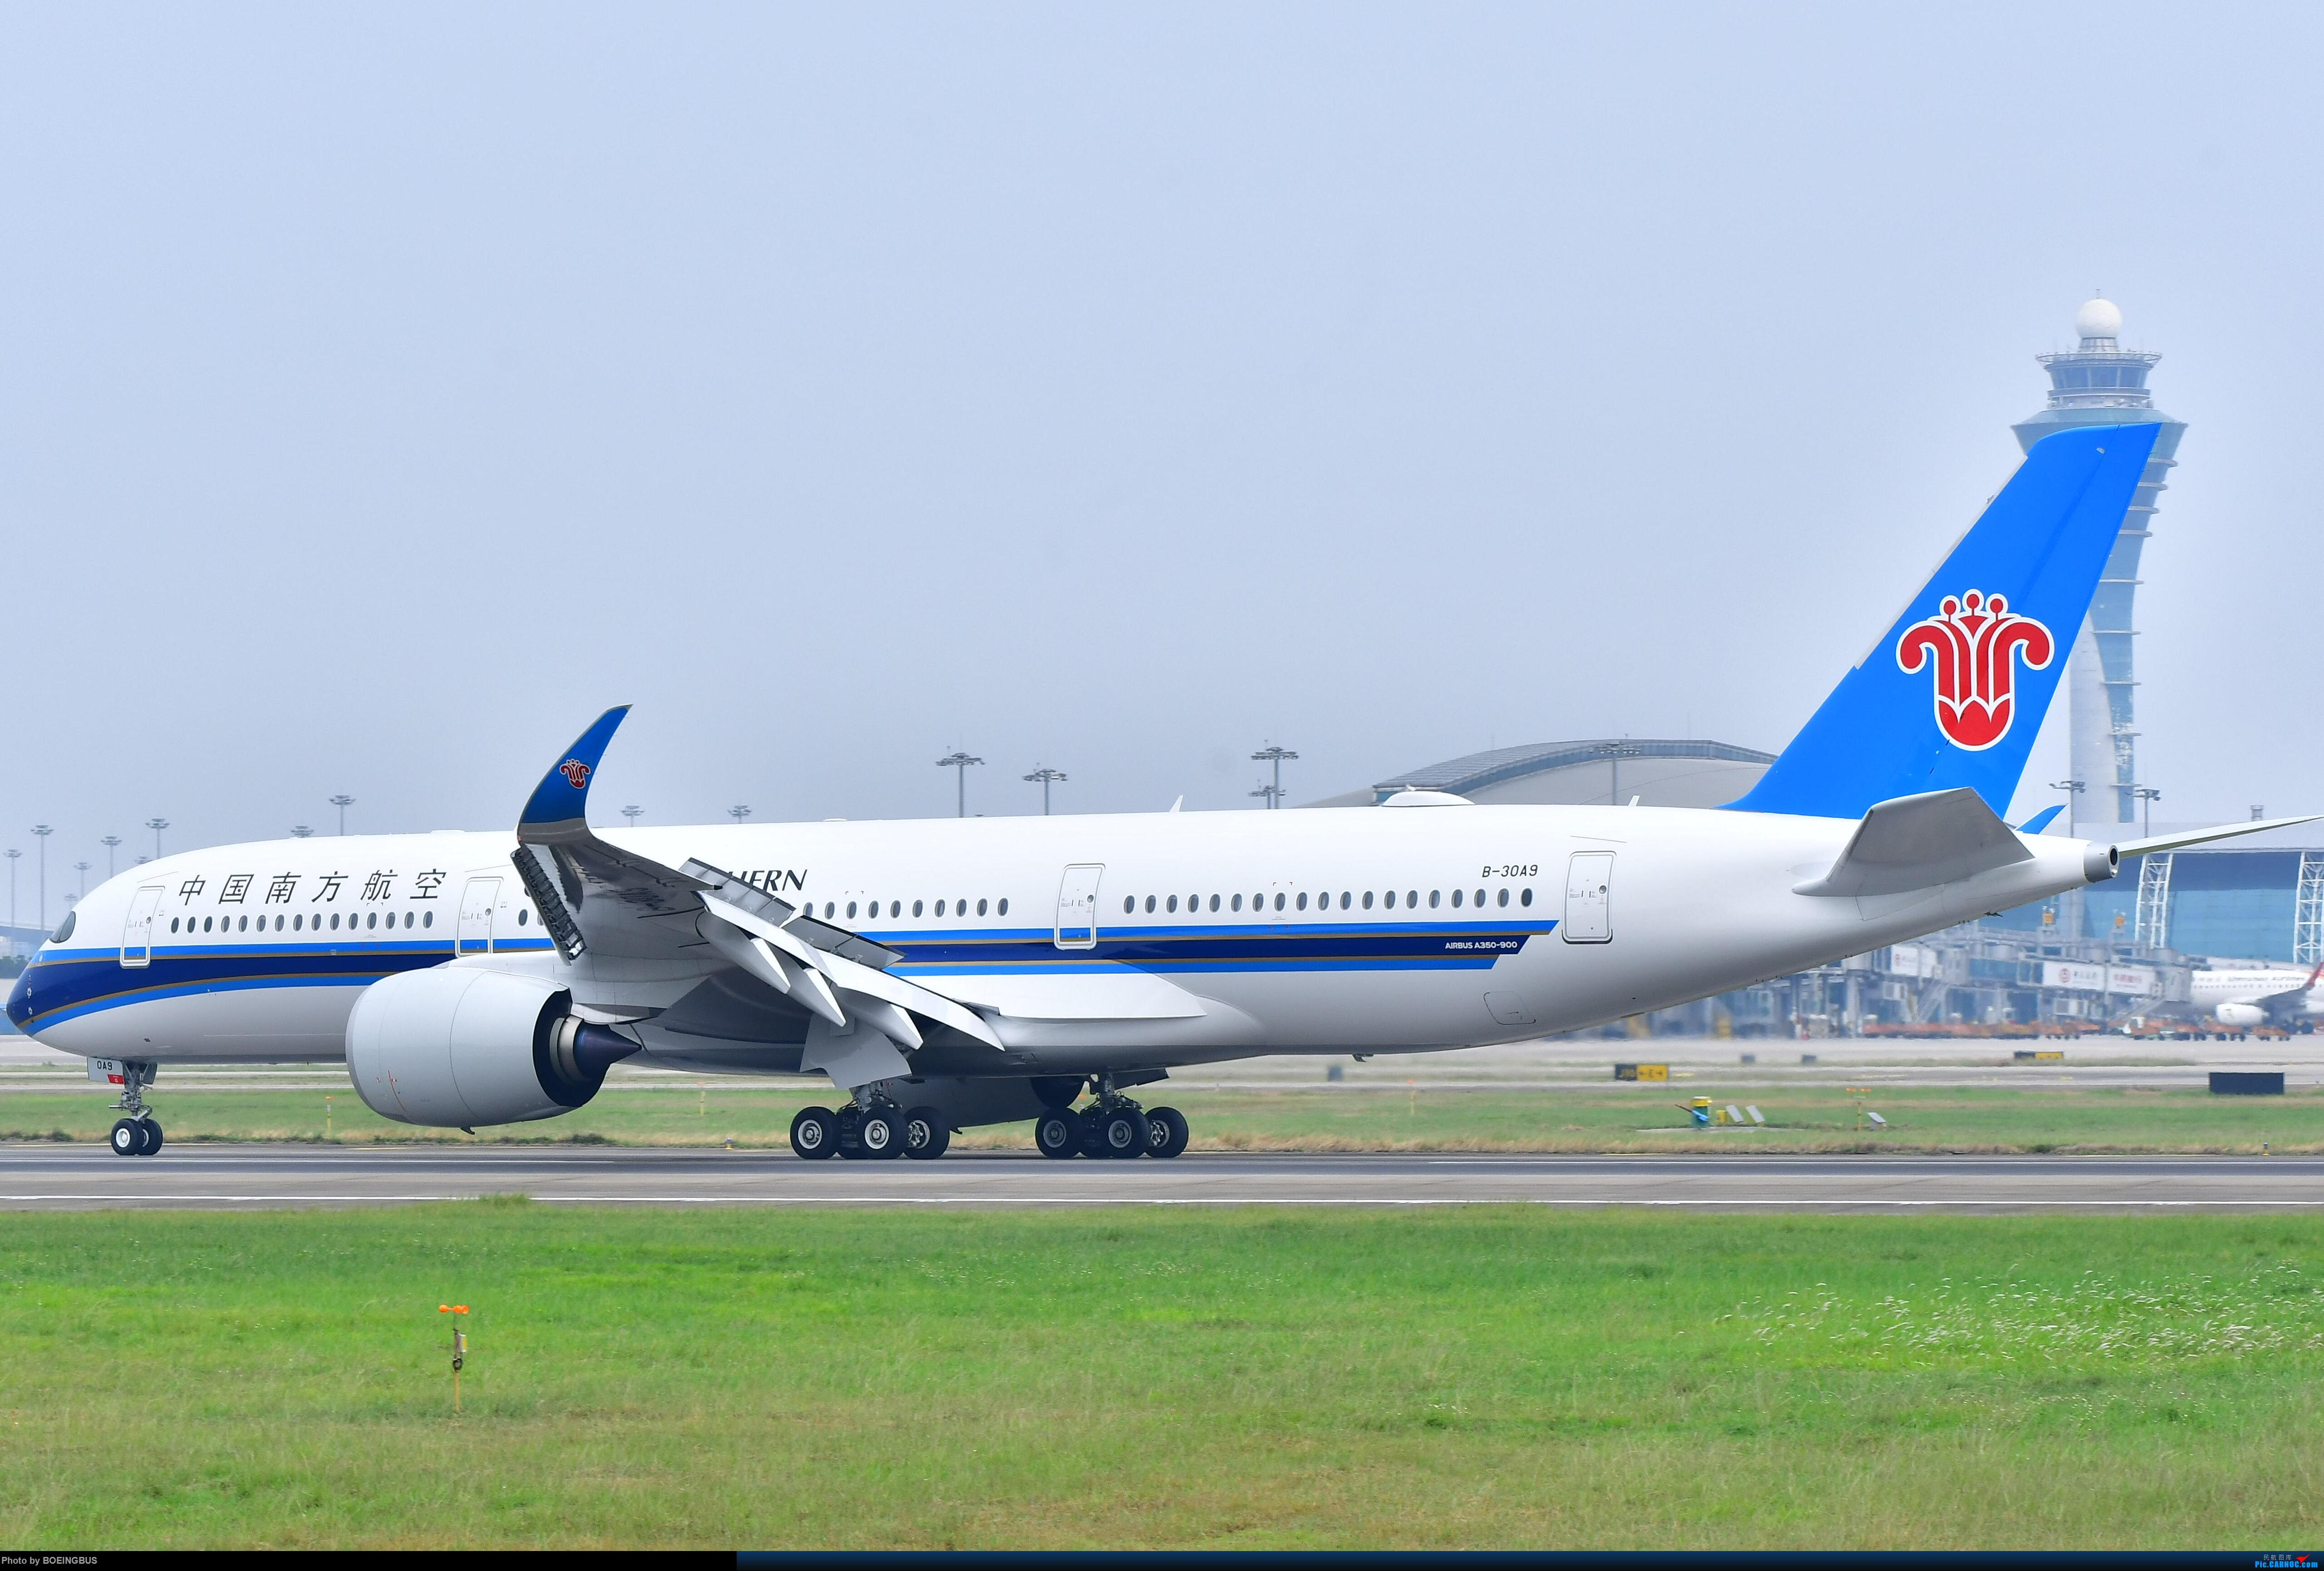 Re:[原创]祝各位飞友新年快乐! AIRBUS A350-900 B-30A9 中国广州白云国际机场